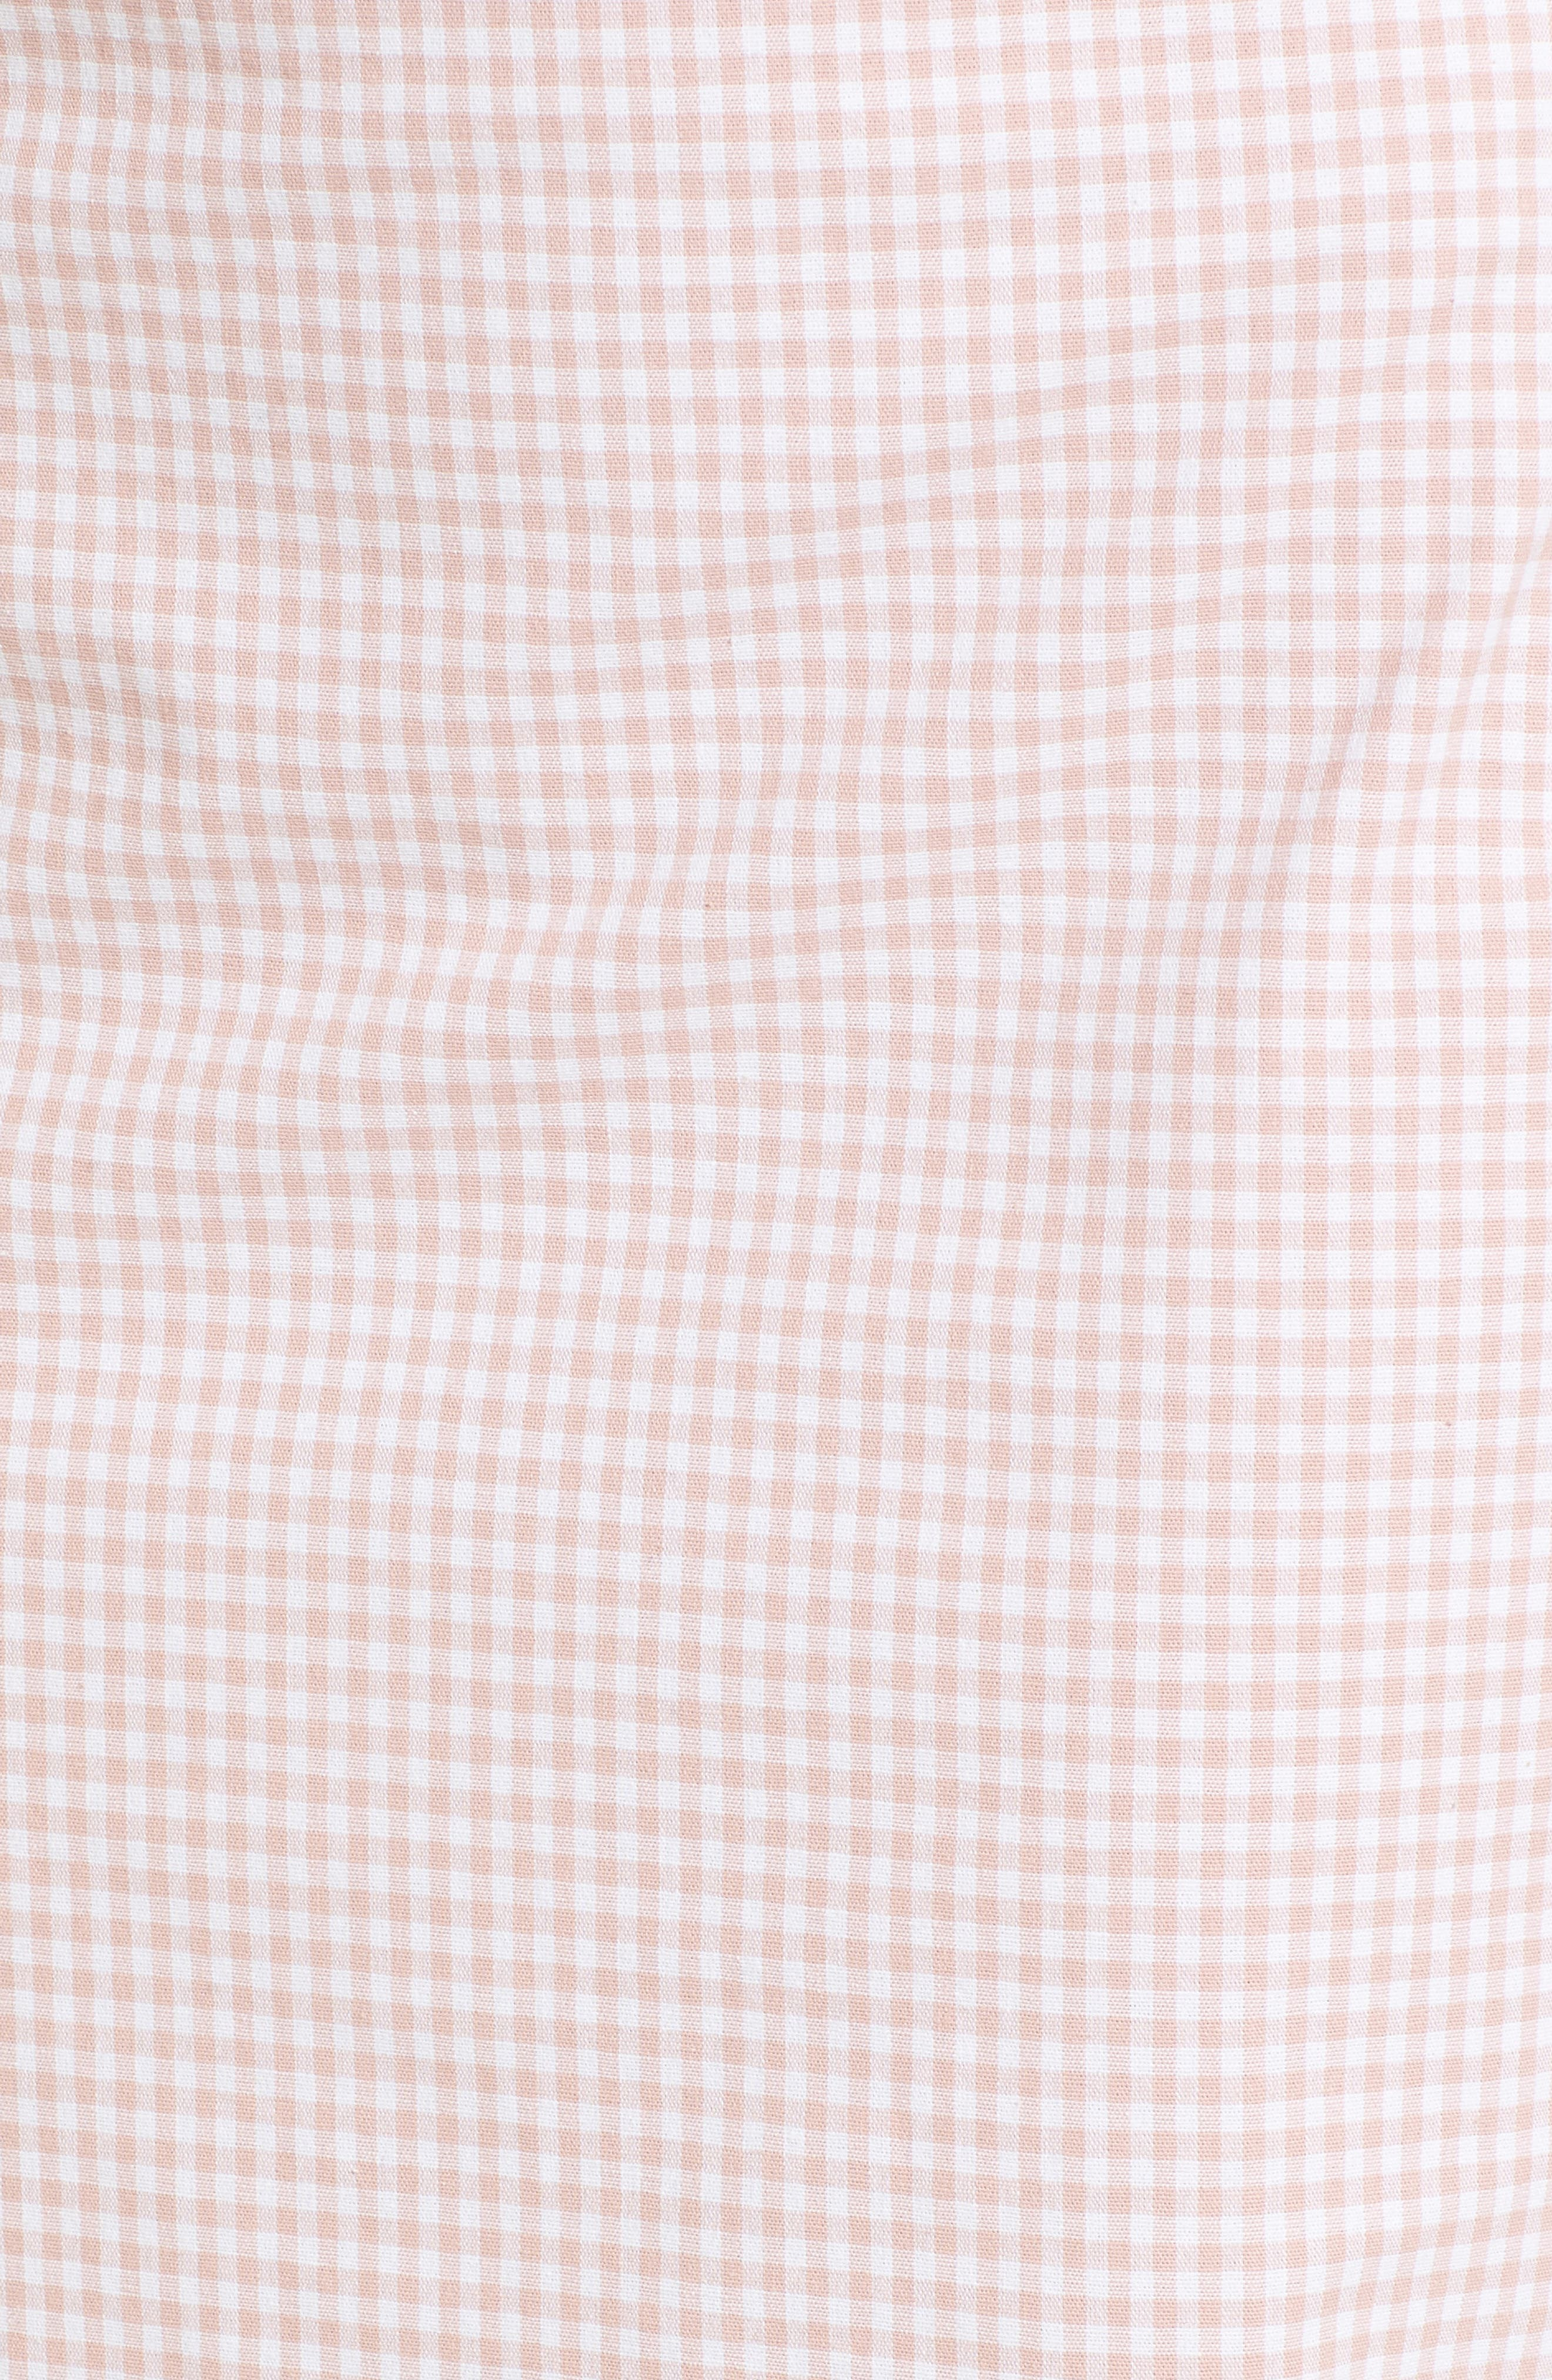 Strapless Gingham Dress,                             Alternate thumbnail 10, color,